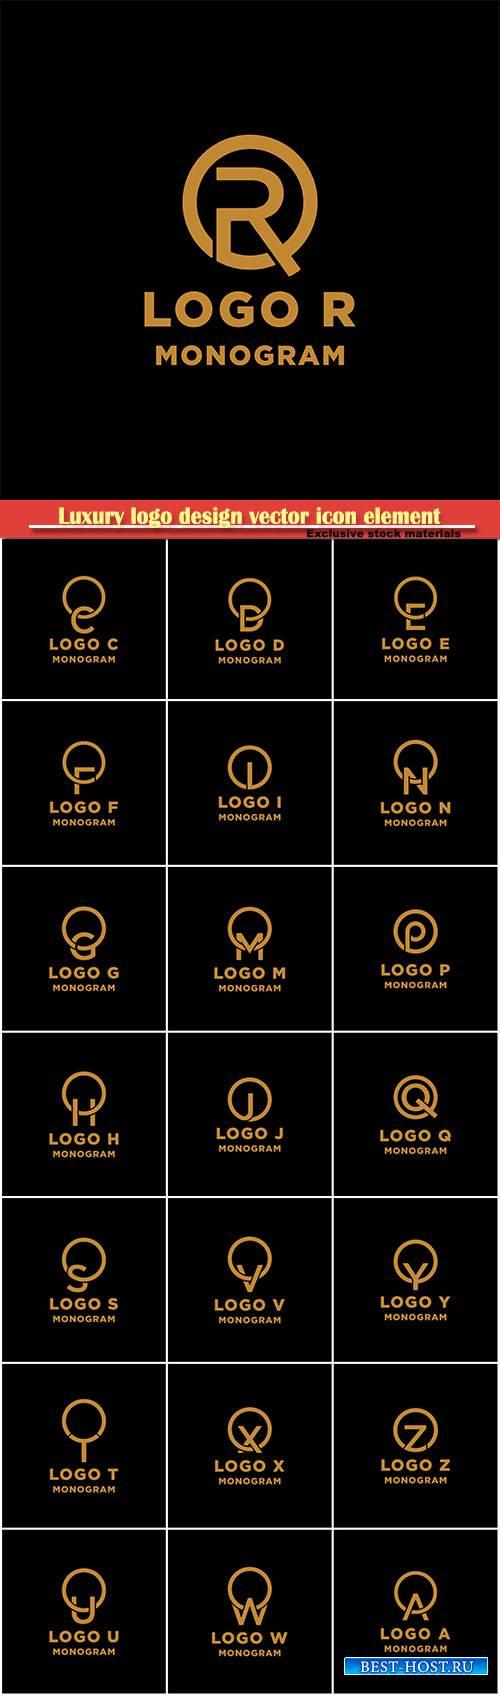 Luxury logo design vector icon element